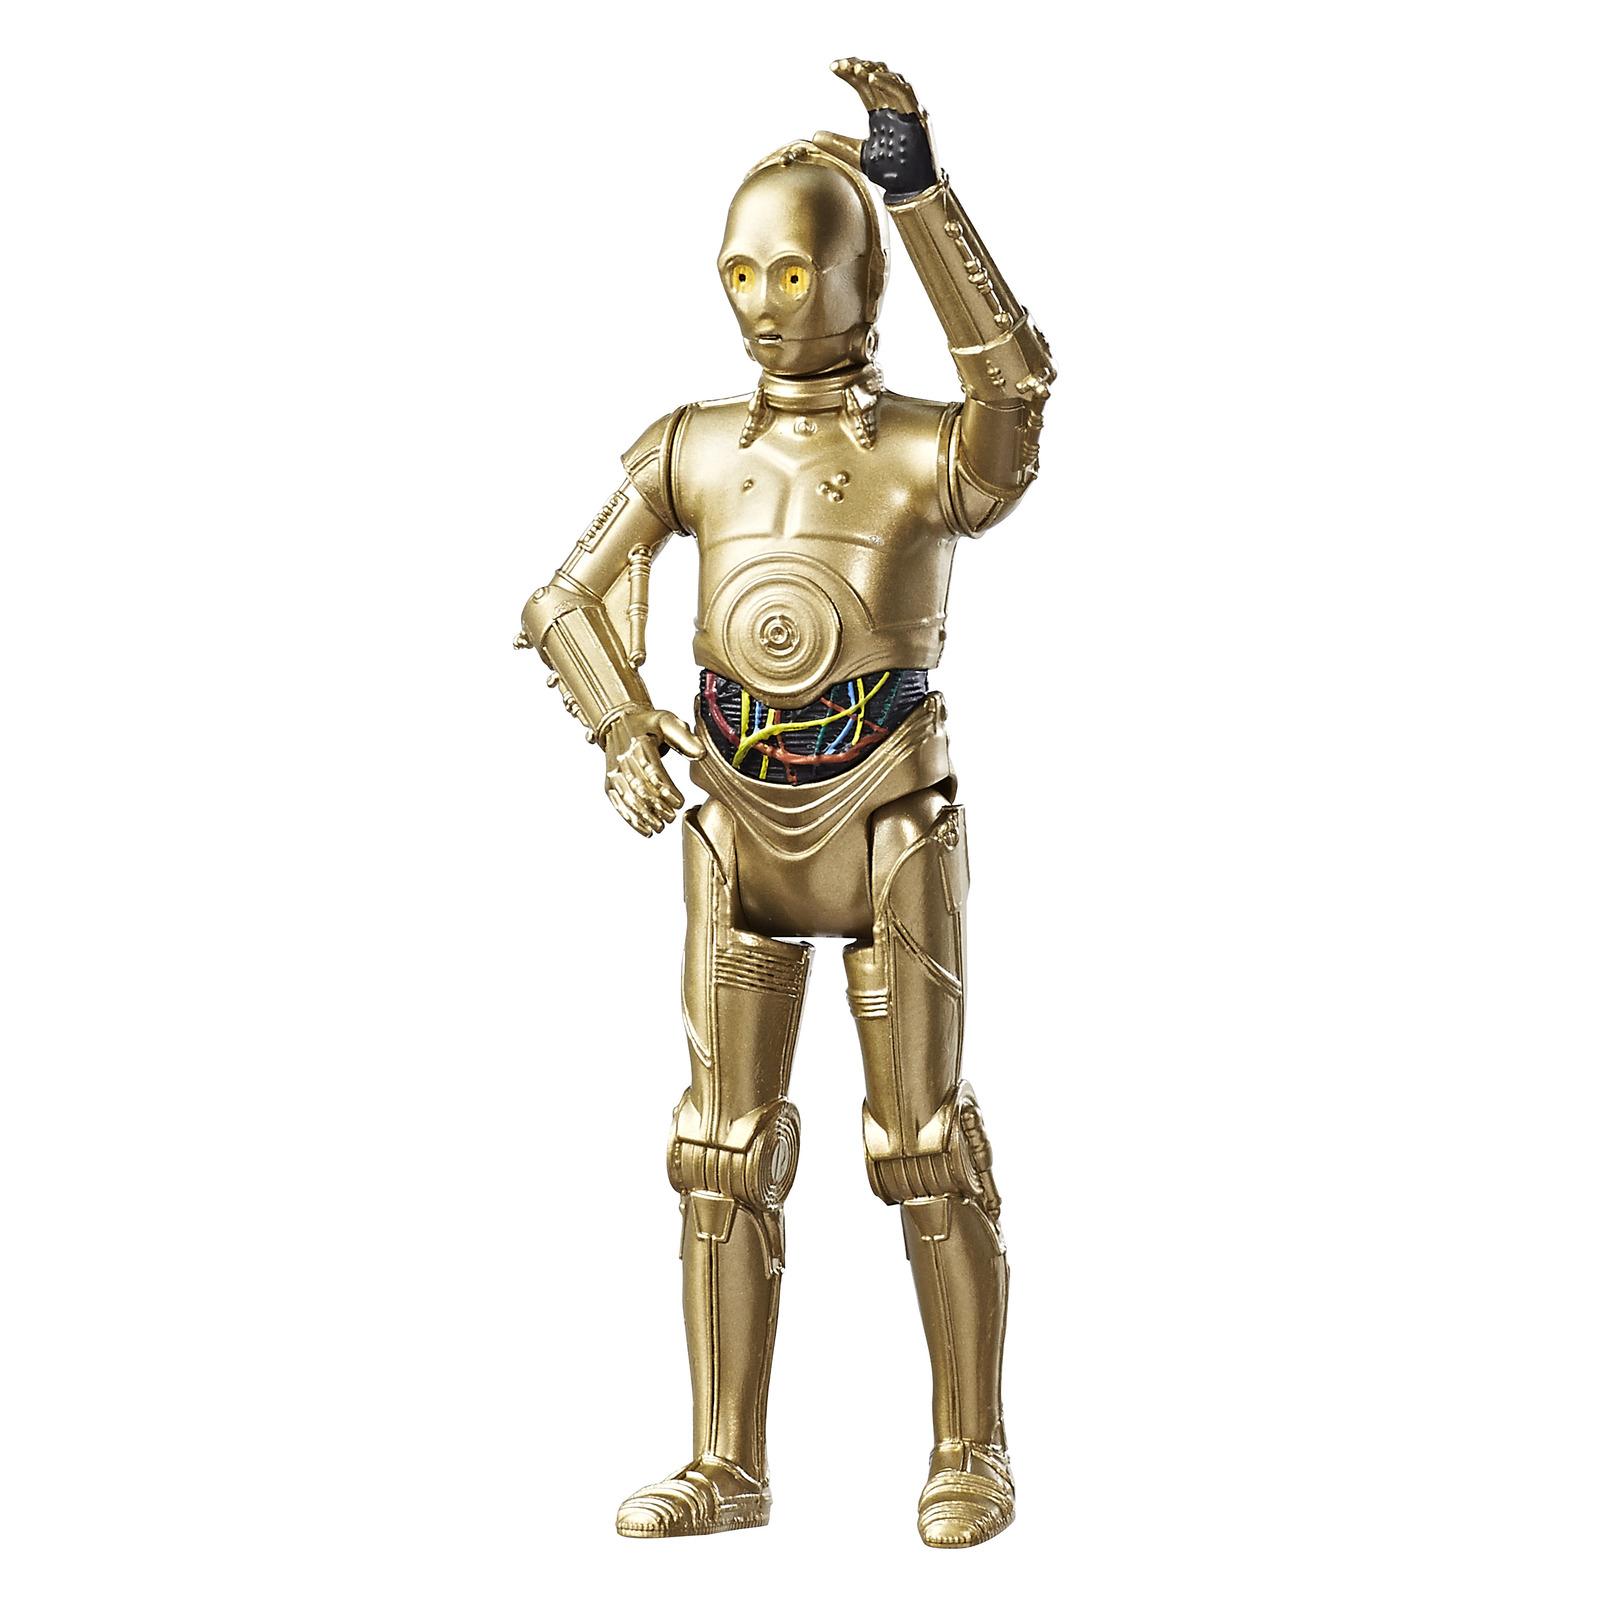 Star Wars: Force Link Figure - C3PO image